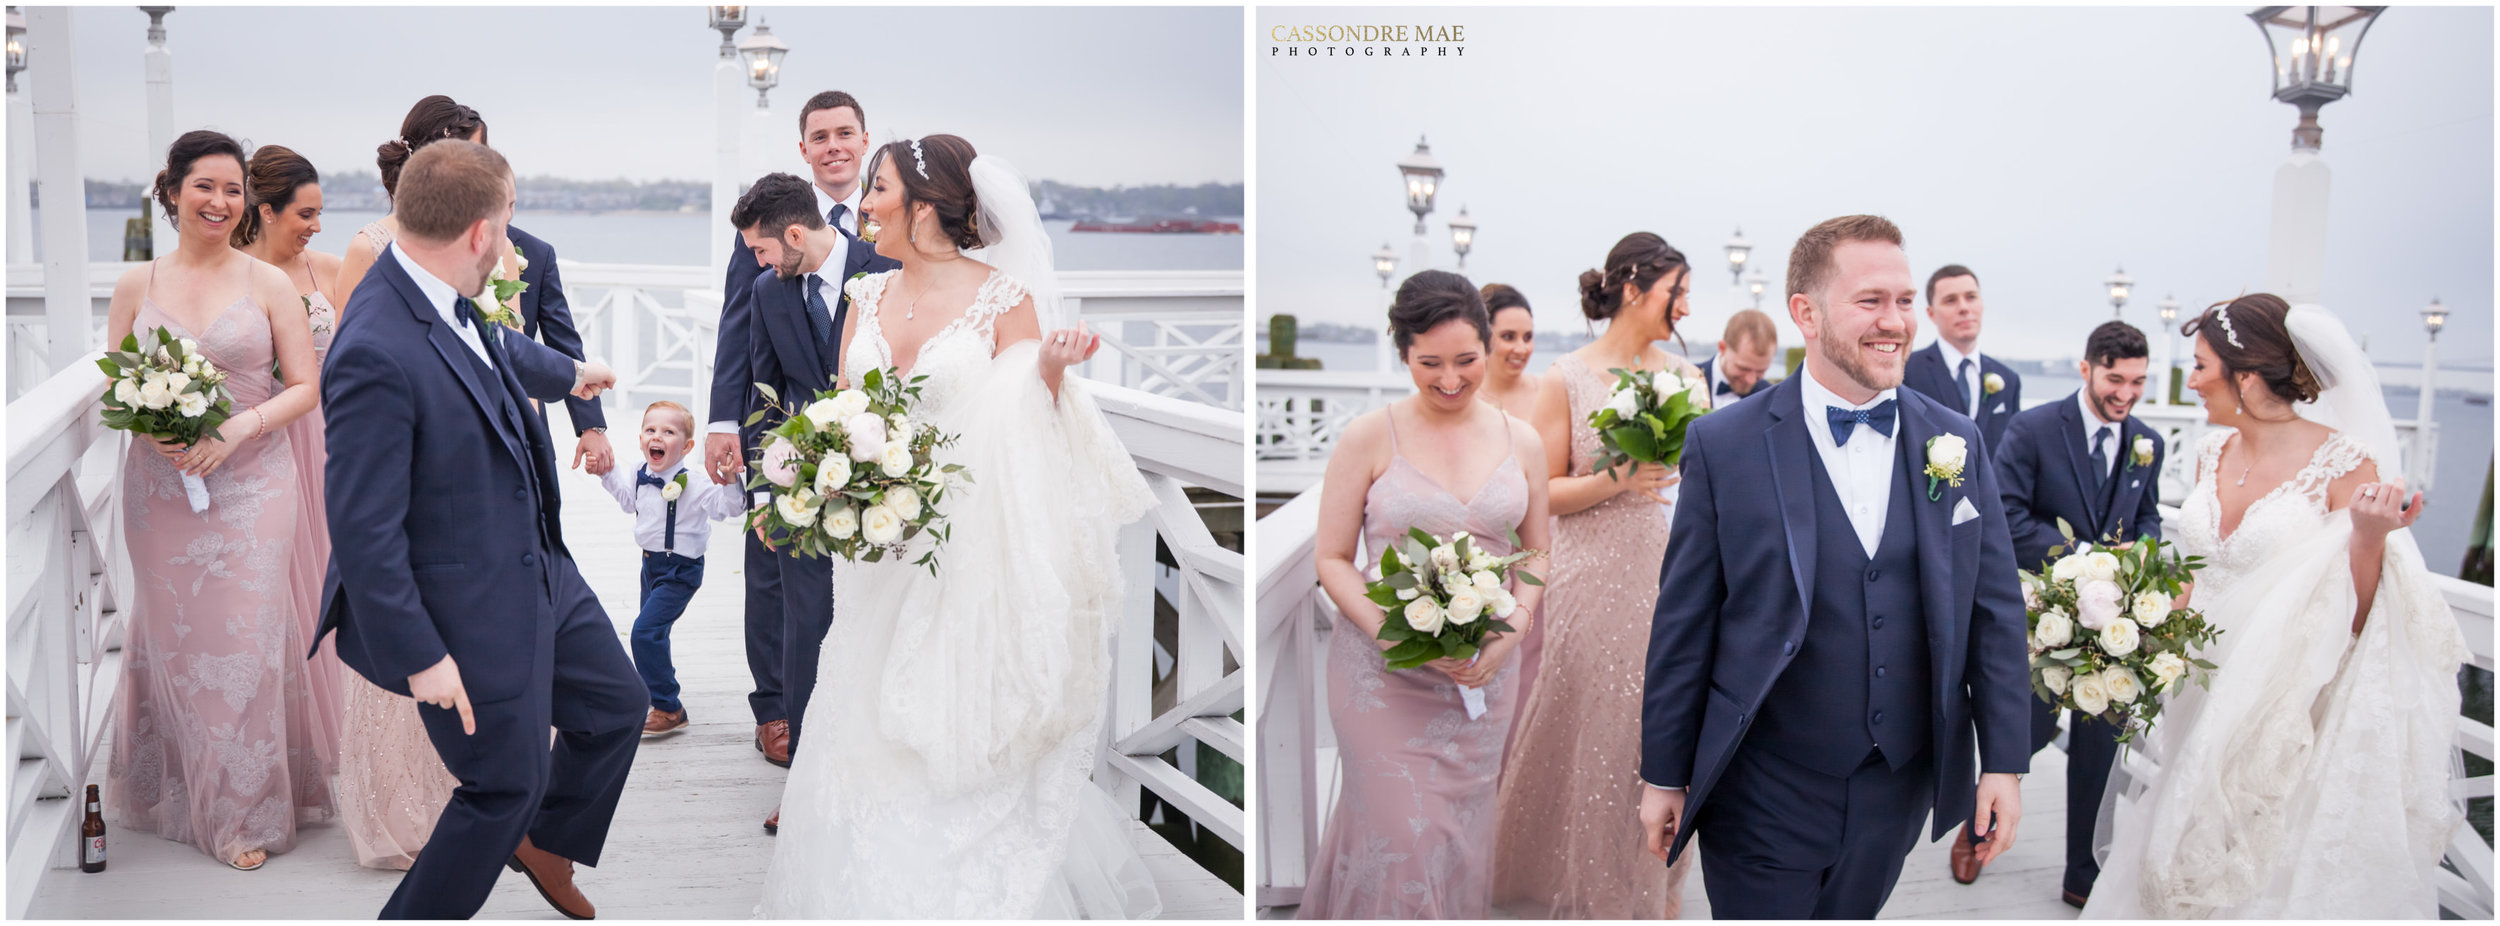 Cassondre Mae Photography Marina Del Ray Weddings 16.jpg